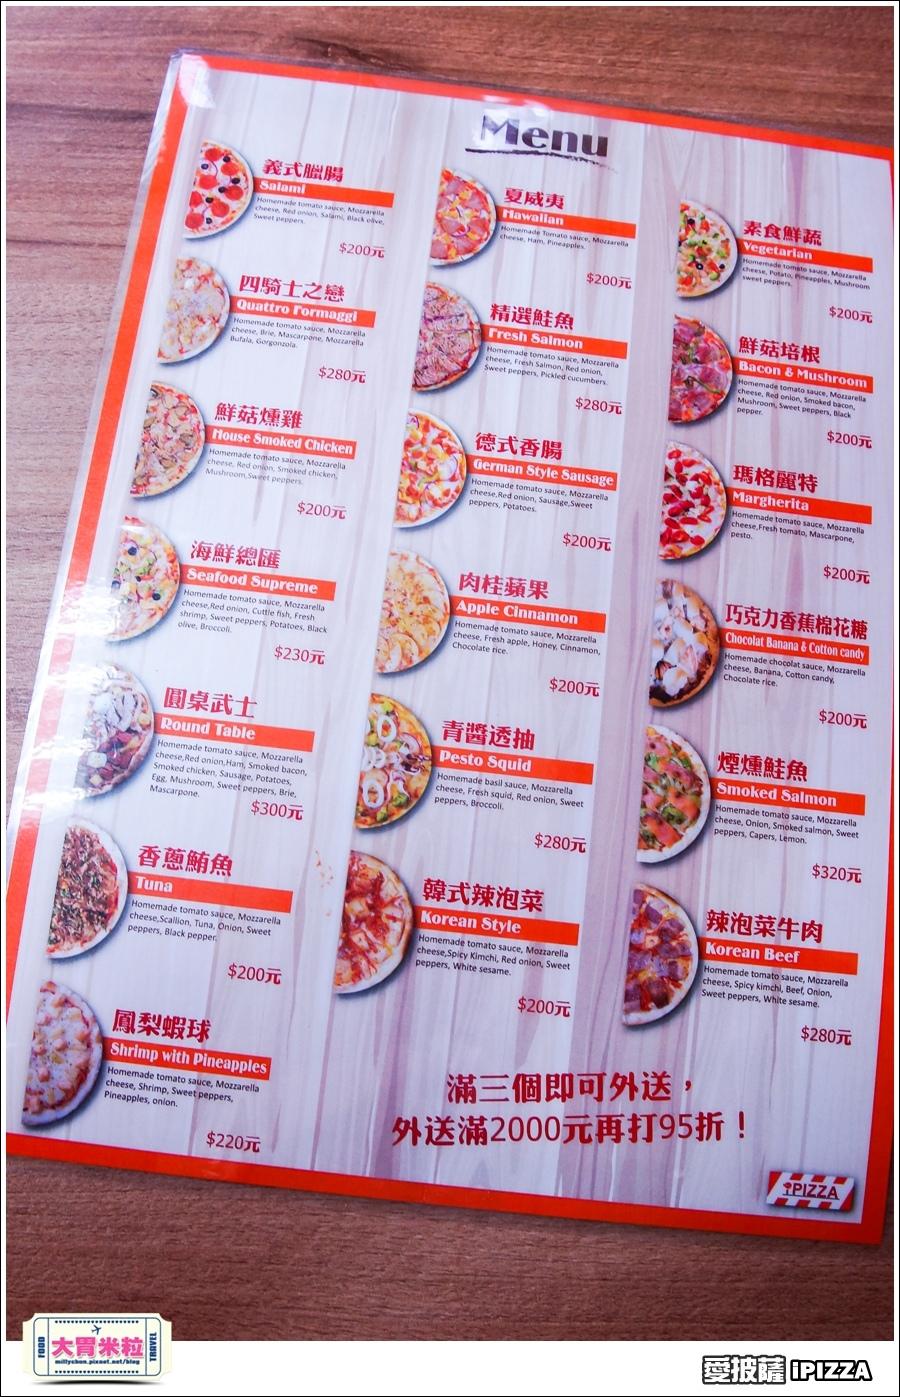 台北愛披薩IPIZZA@台北士林手工披薩推薦@大胃米粒0024.jpg